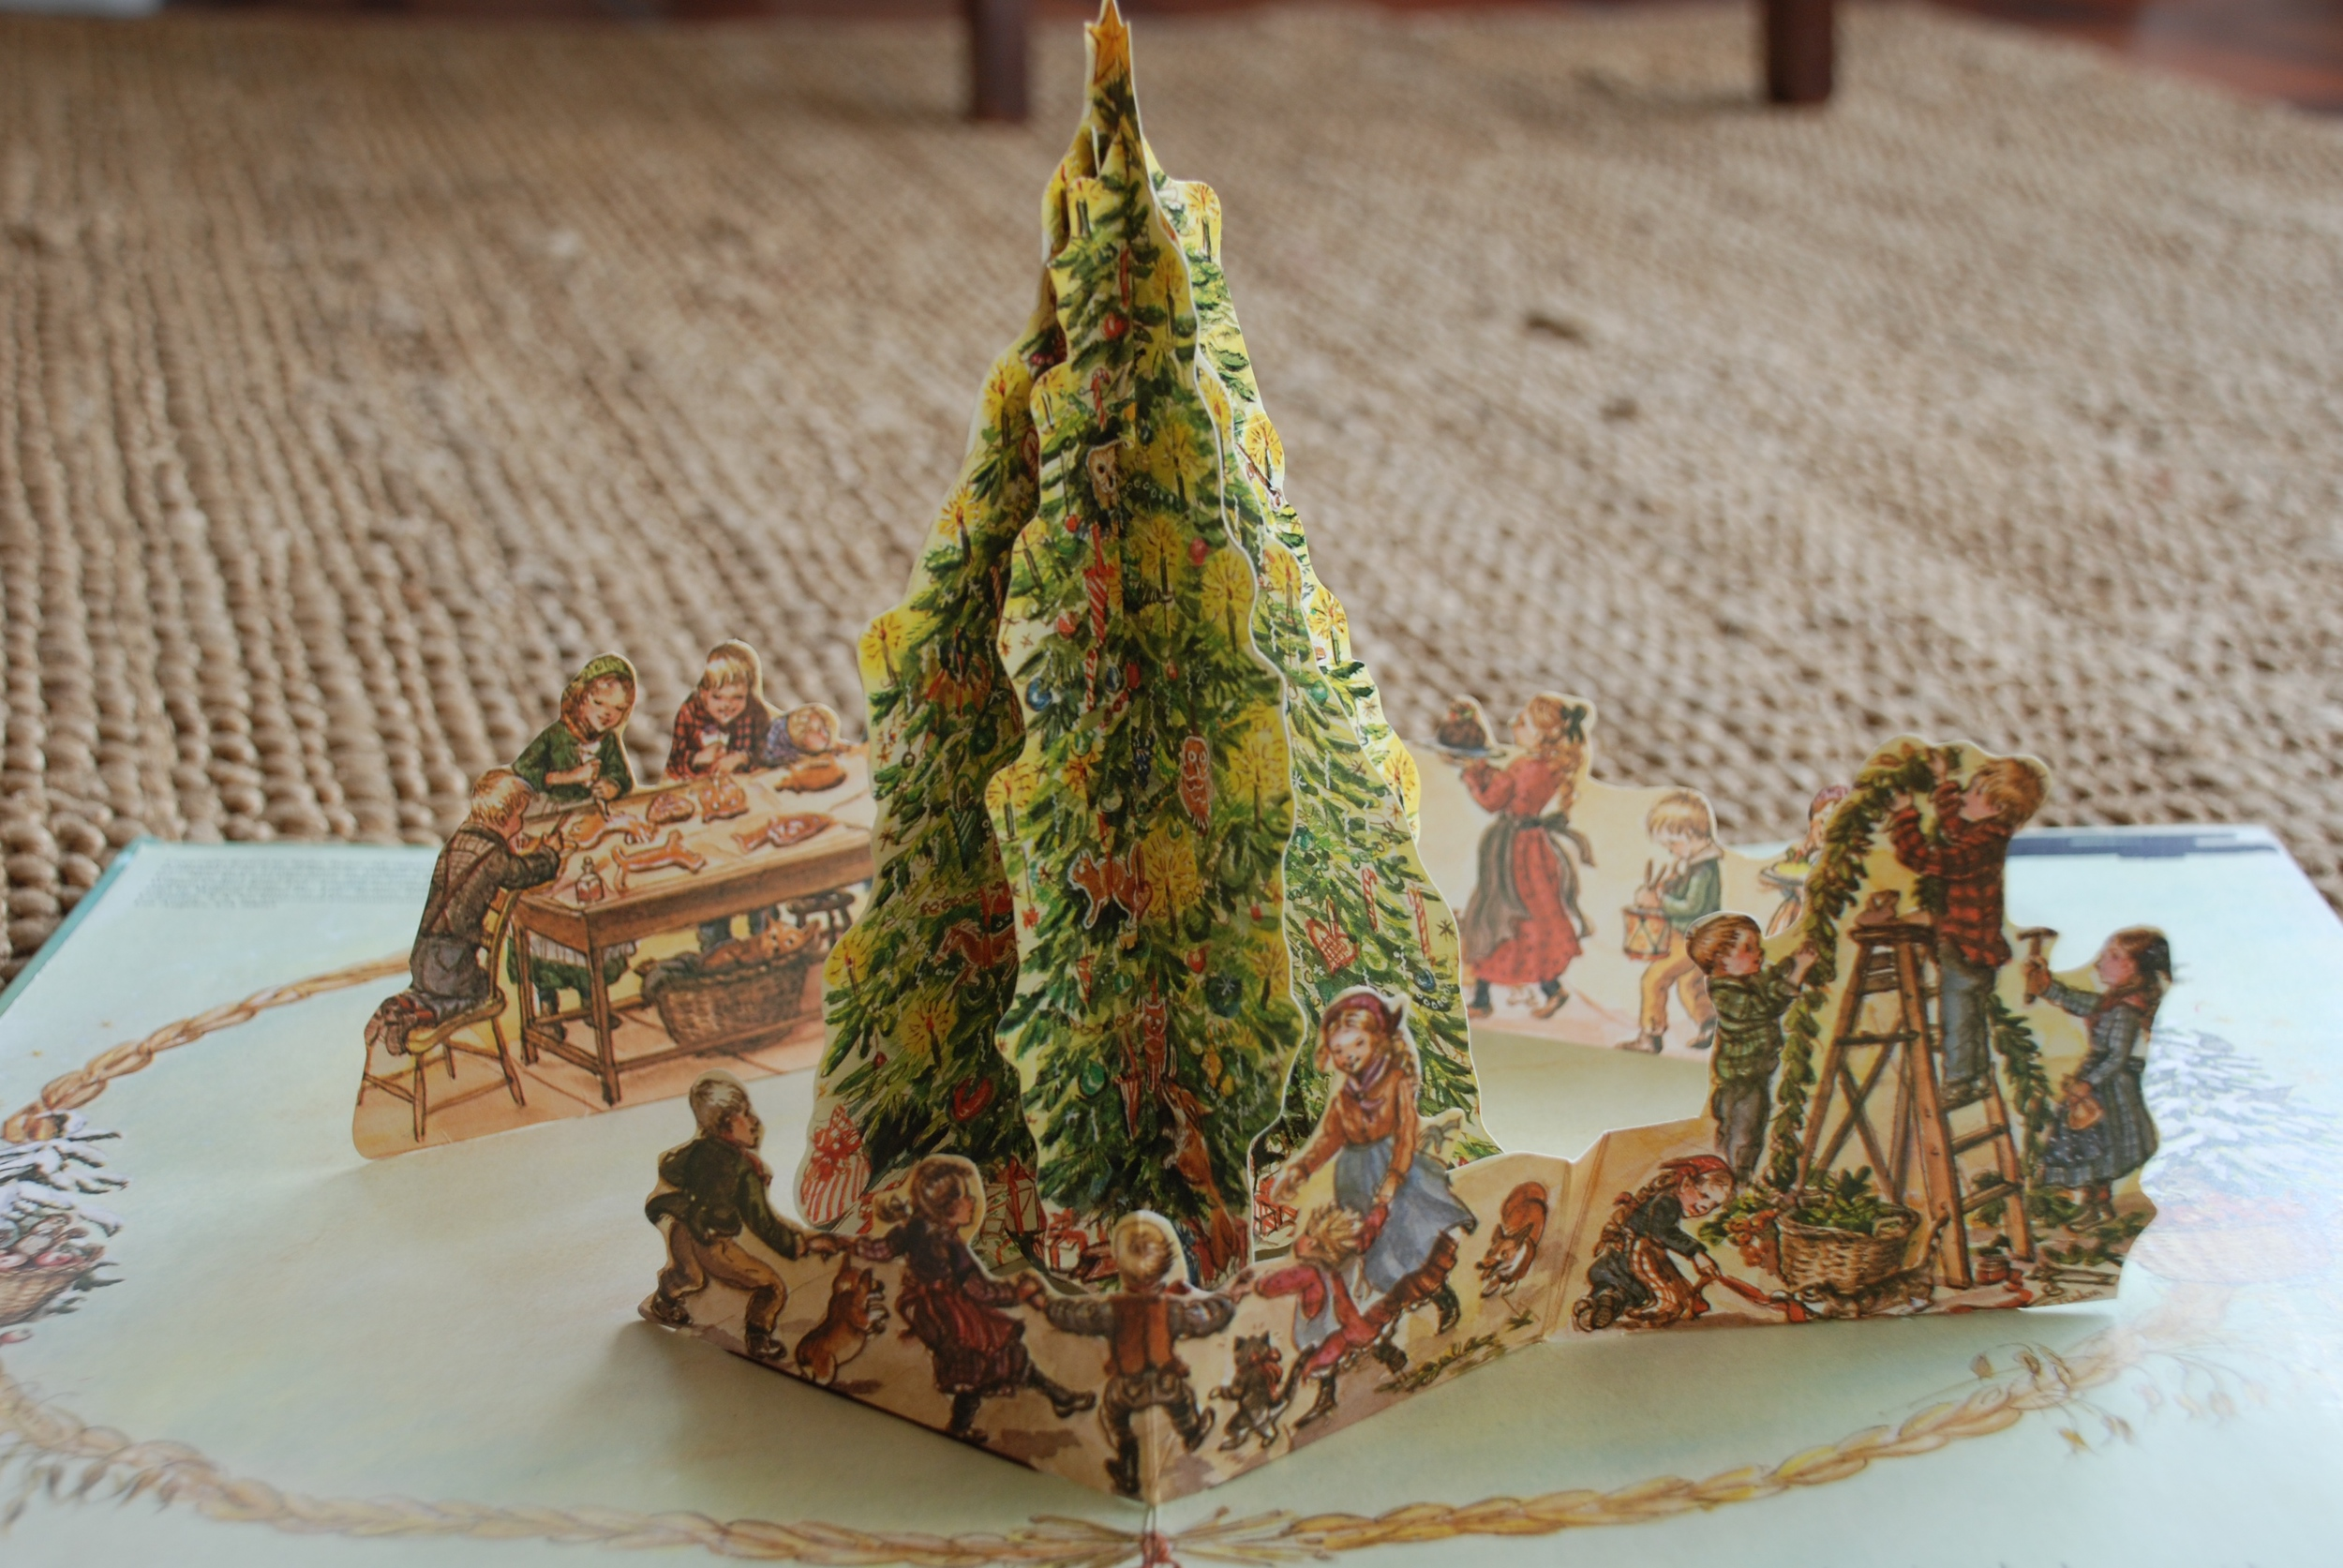 A Book Of Christmas by Tasha Tudor